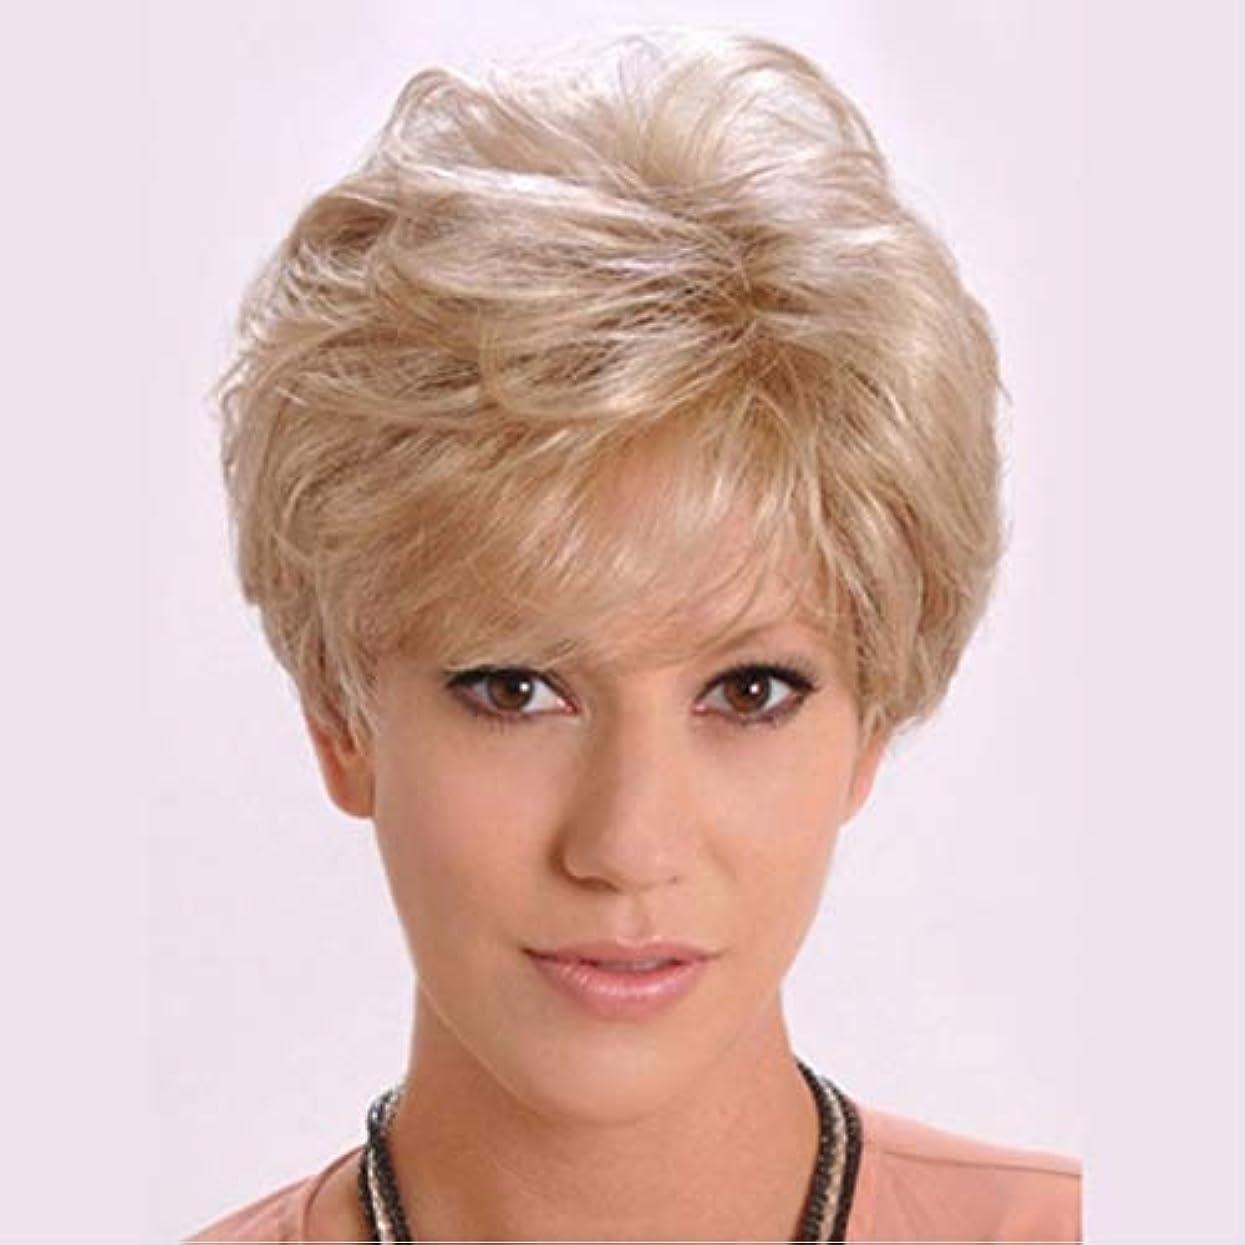 疑い者かみそり受信Kerwinner 女性のための短い巻き毛のかつら短い髪のふわふわブロンドの巻き毛のかつら (Color : Light brown)